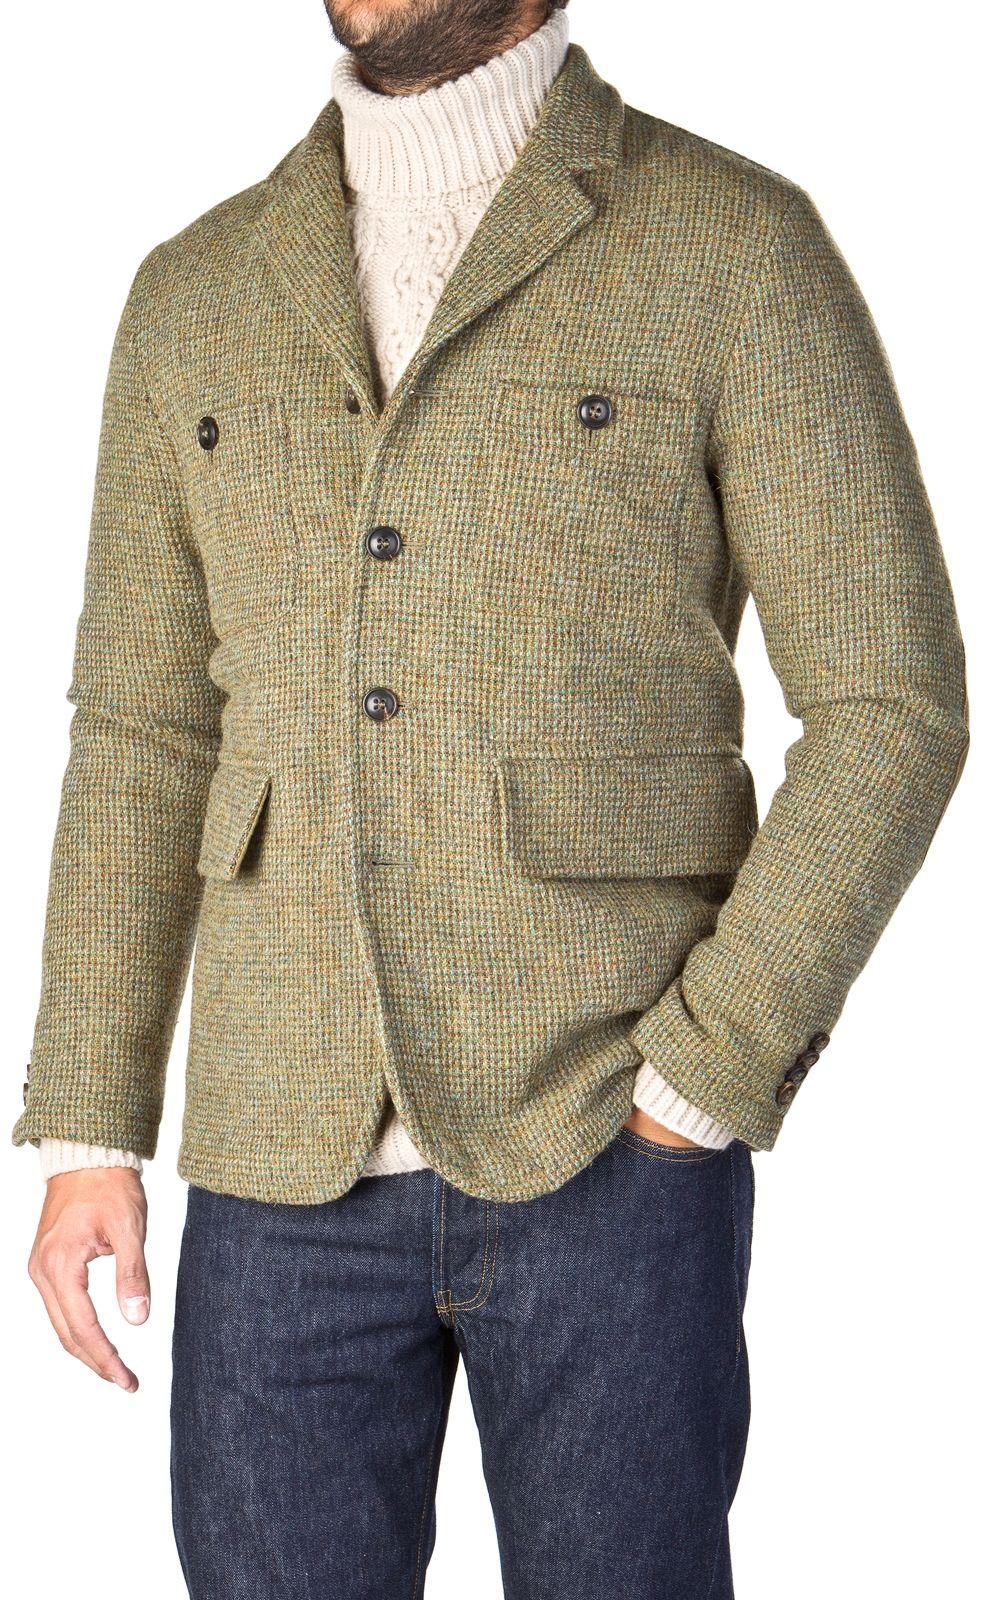 6e5c23c760 Nigel Cabourn Atkinson Jacket Harris Tweed Moss | Jacket | Jackets ...